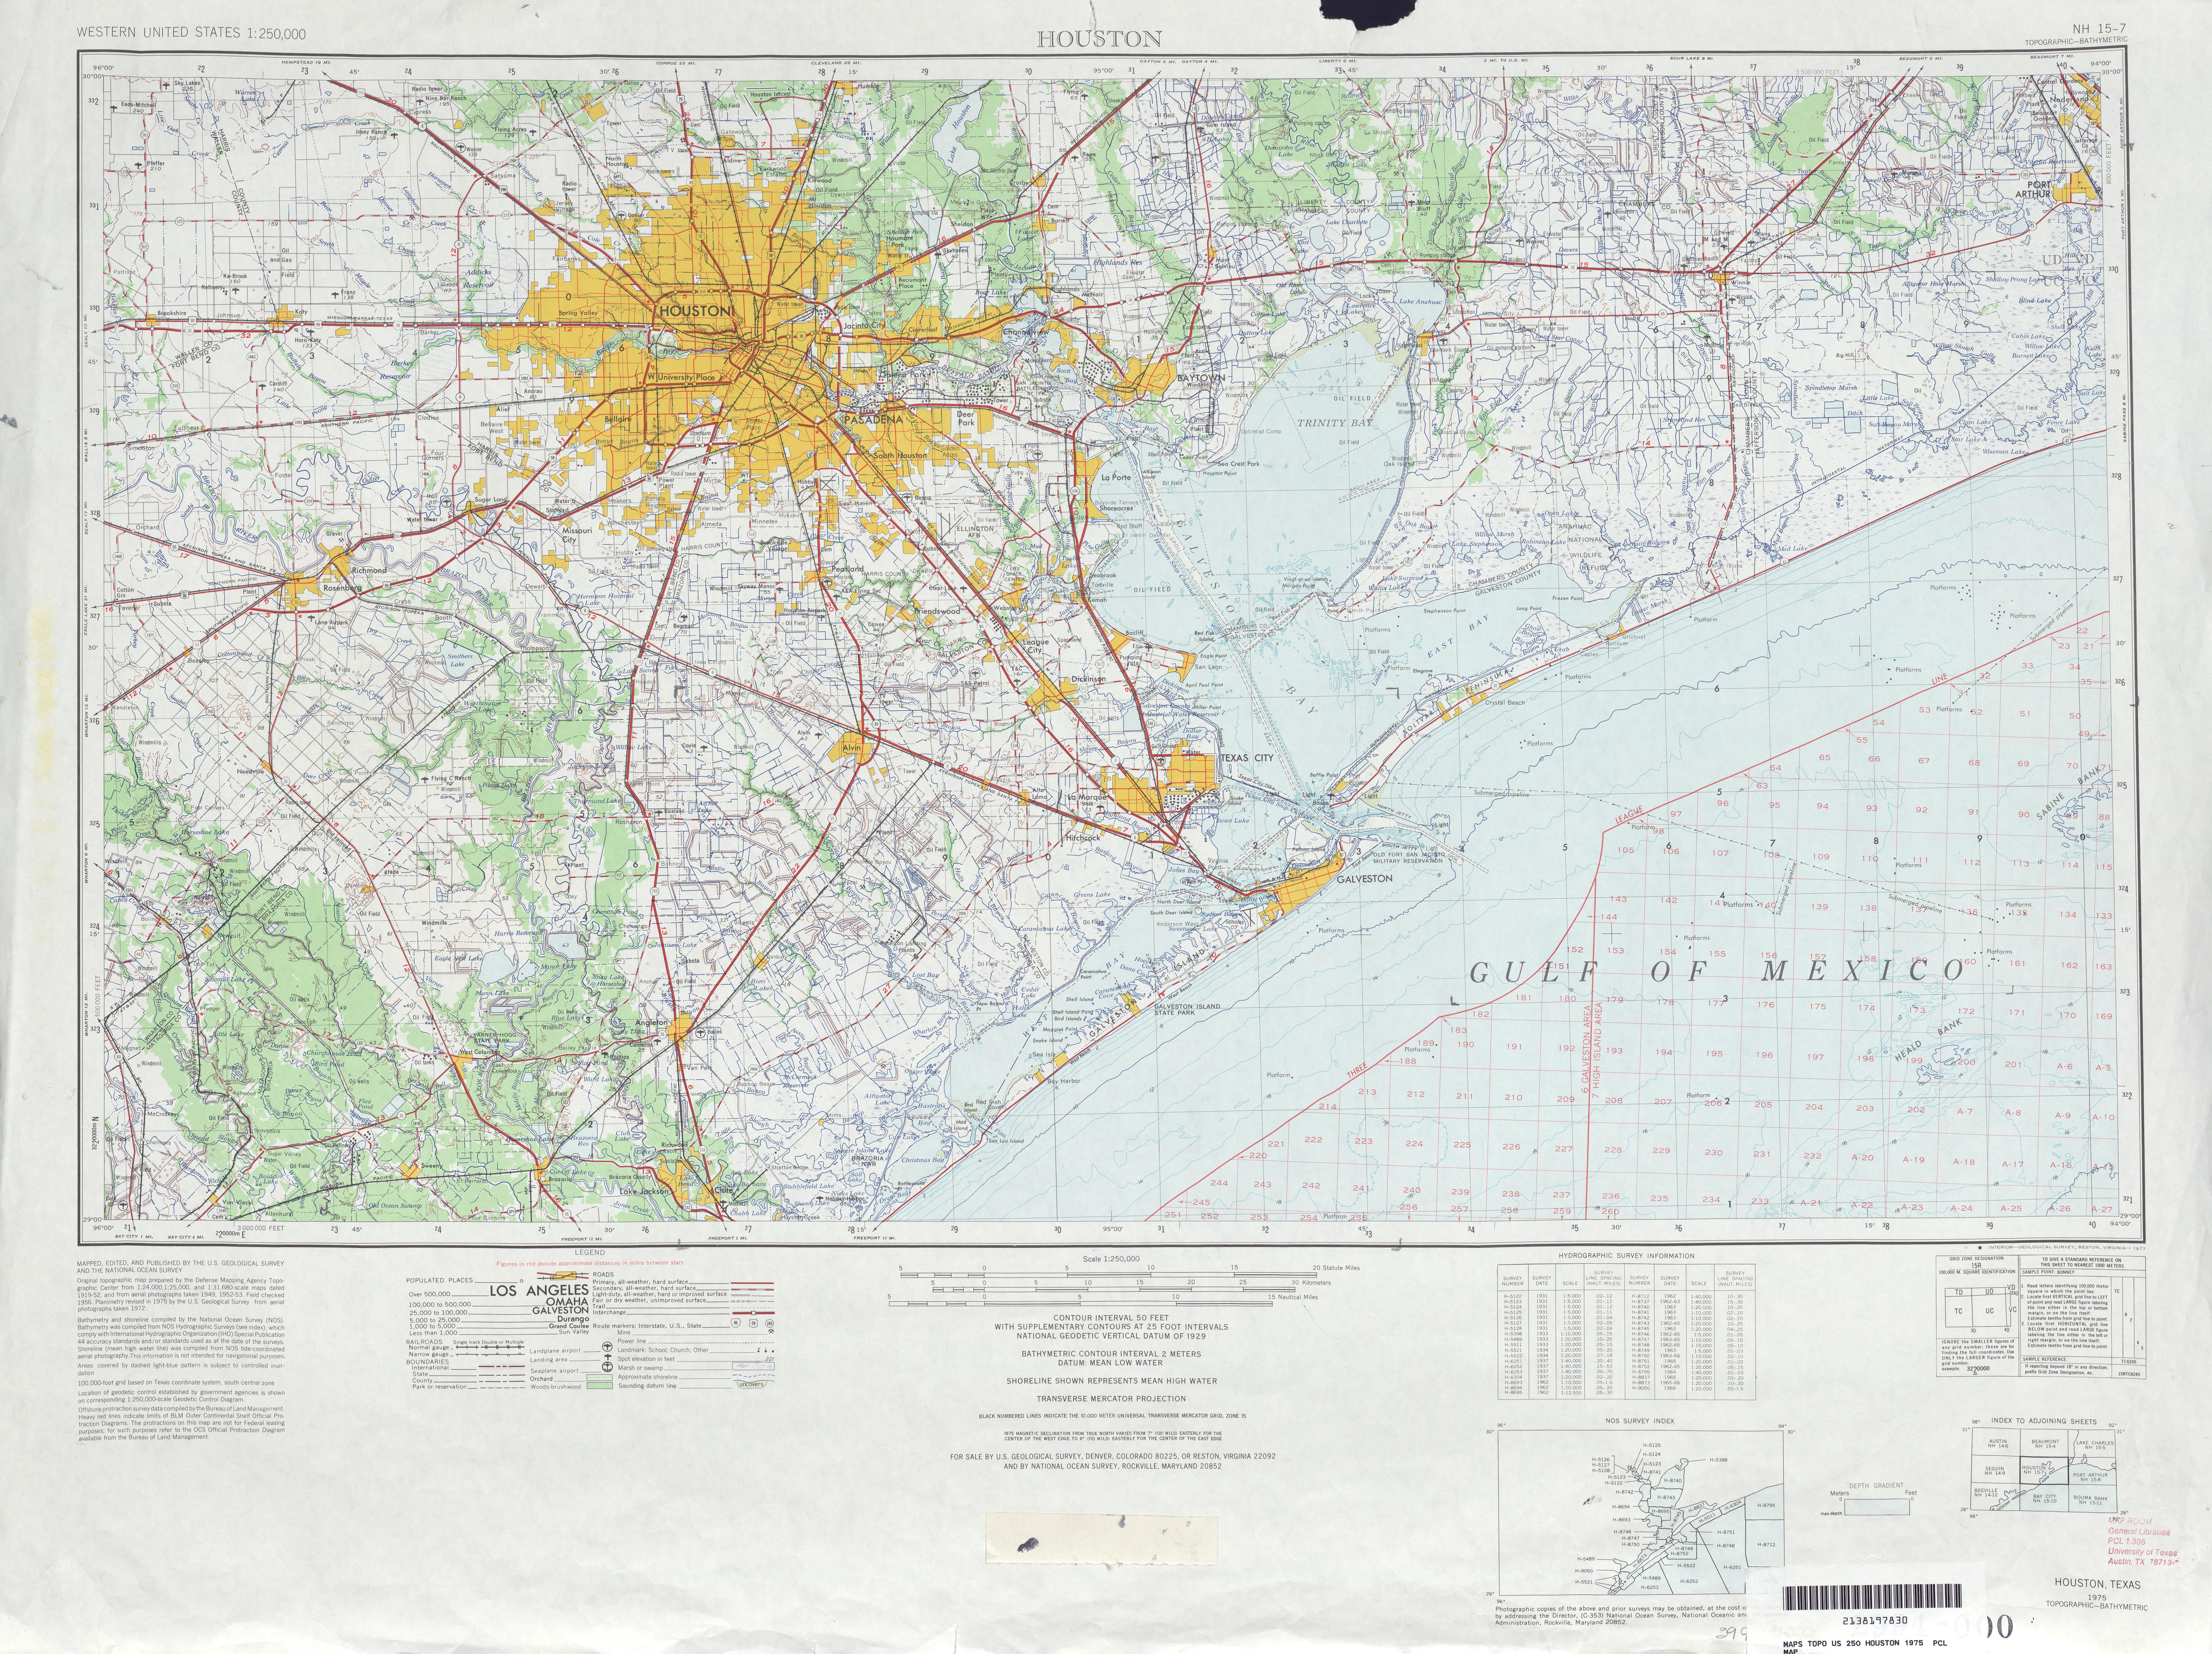 Hoja Houston del Mapa Topográfico de los Estados Unidos 1975